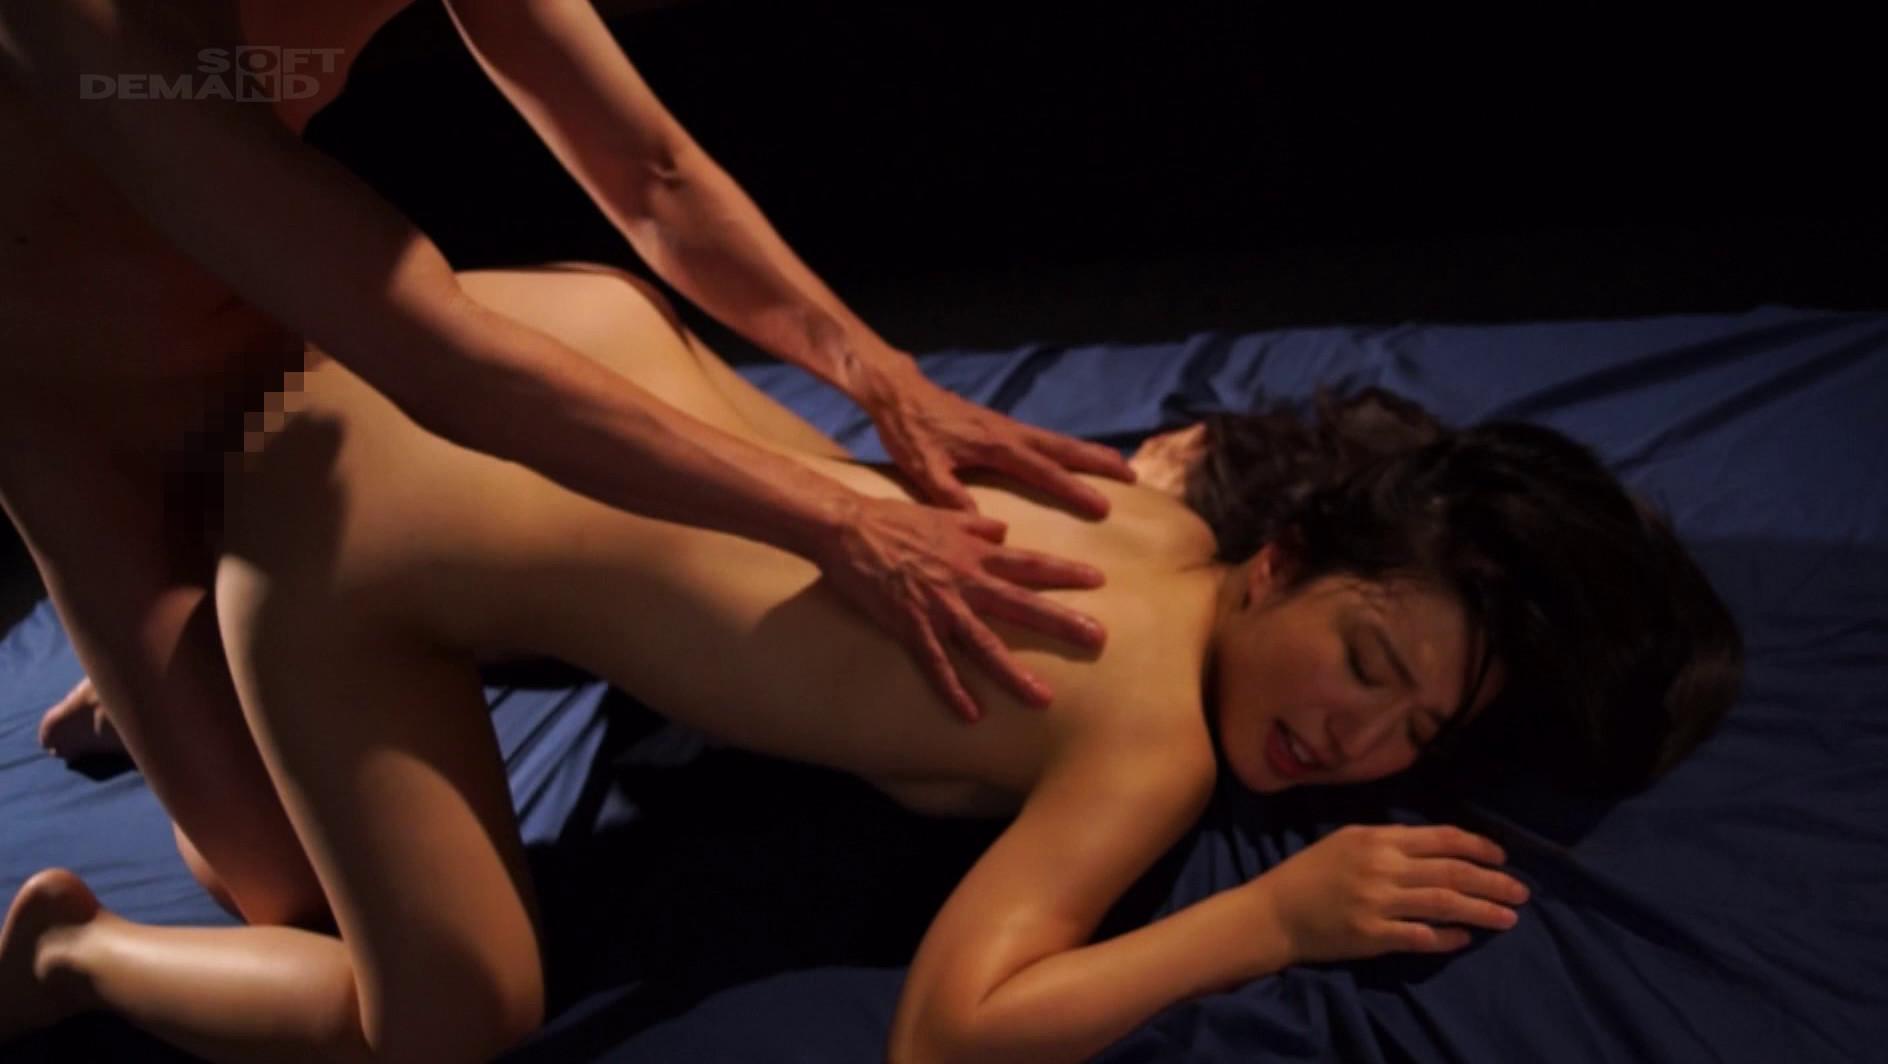 田淵式 秘技伝授 ~道具や体力に頼らずに女性を喜ばせることができる性儀~ 画像17